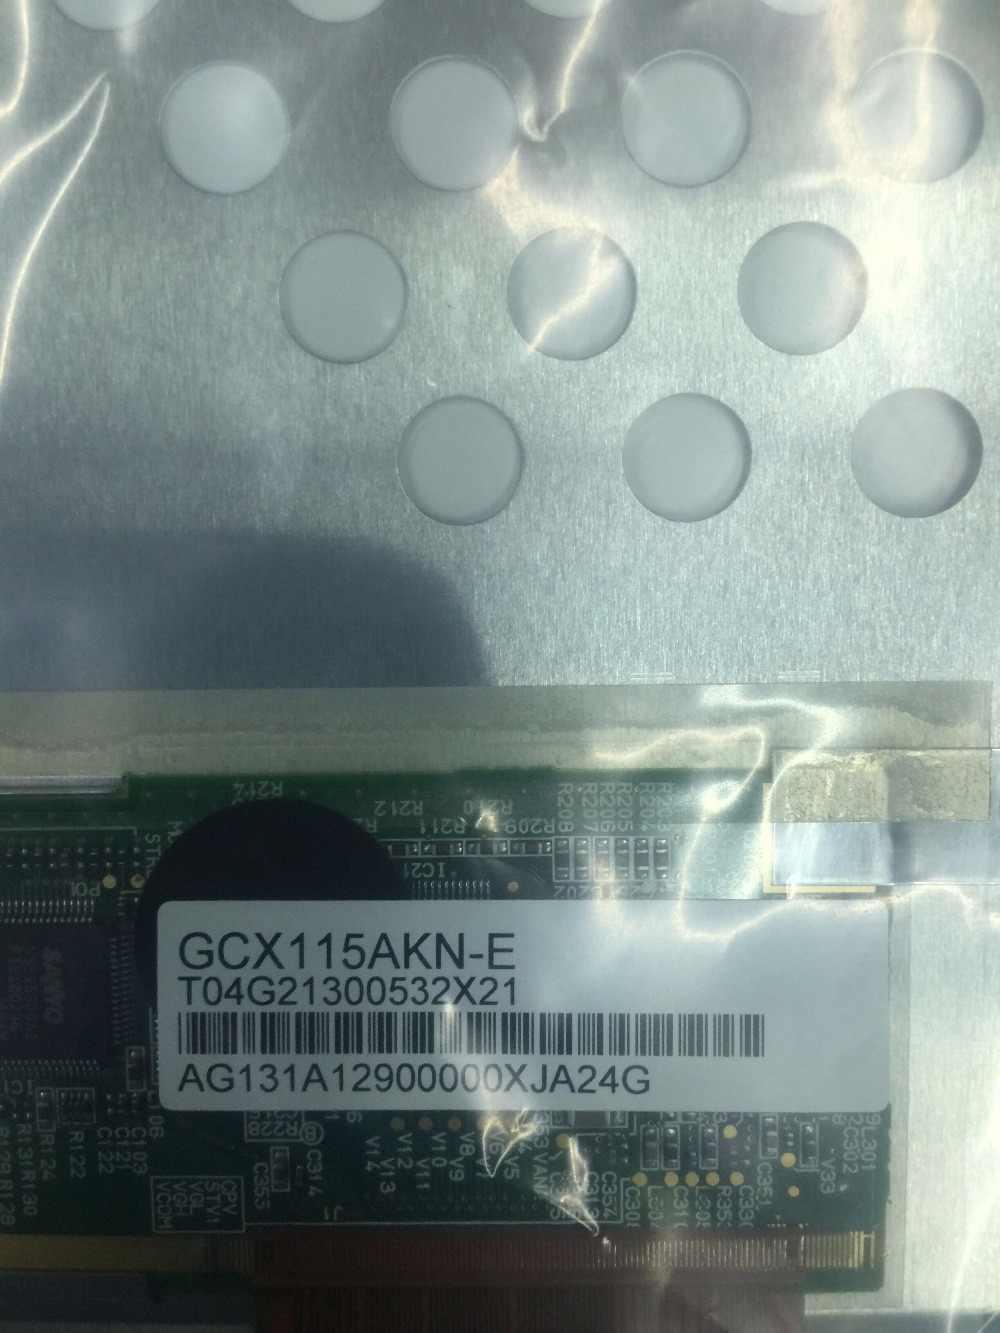 Nowy oryginalny A + klasy 13.3 cal GCX115AKN-E GCX115AKN 1280*800 wyświetlacz tft lcd moduł lcd Panel 12 miesięcy gwarancji